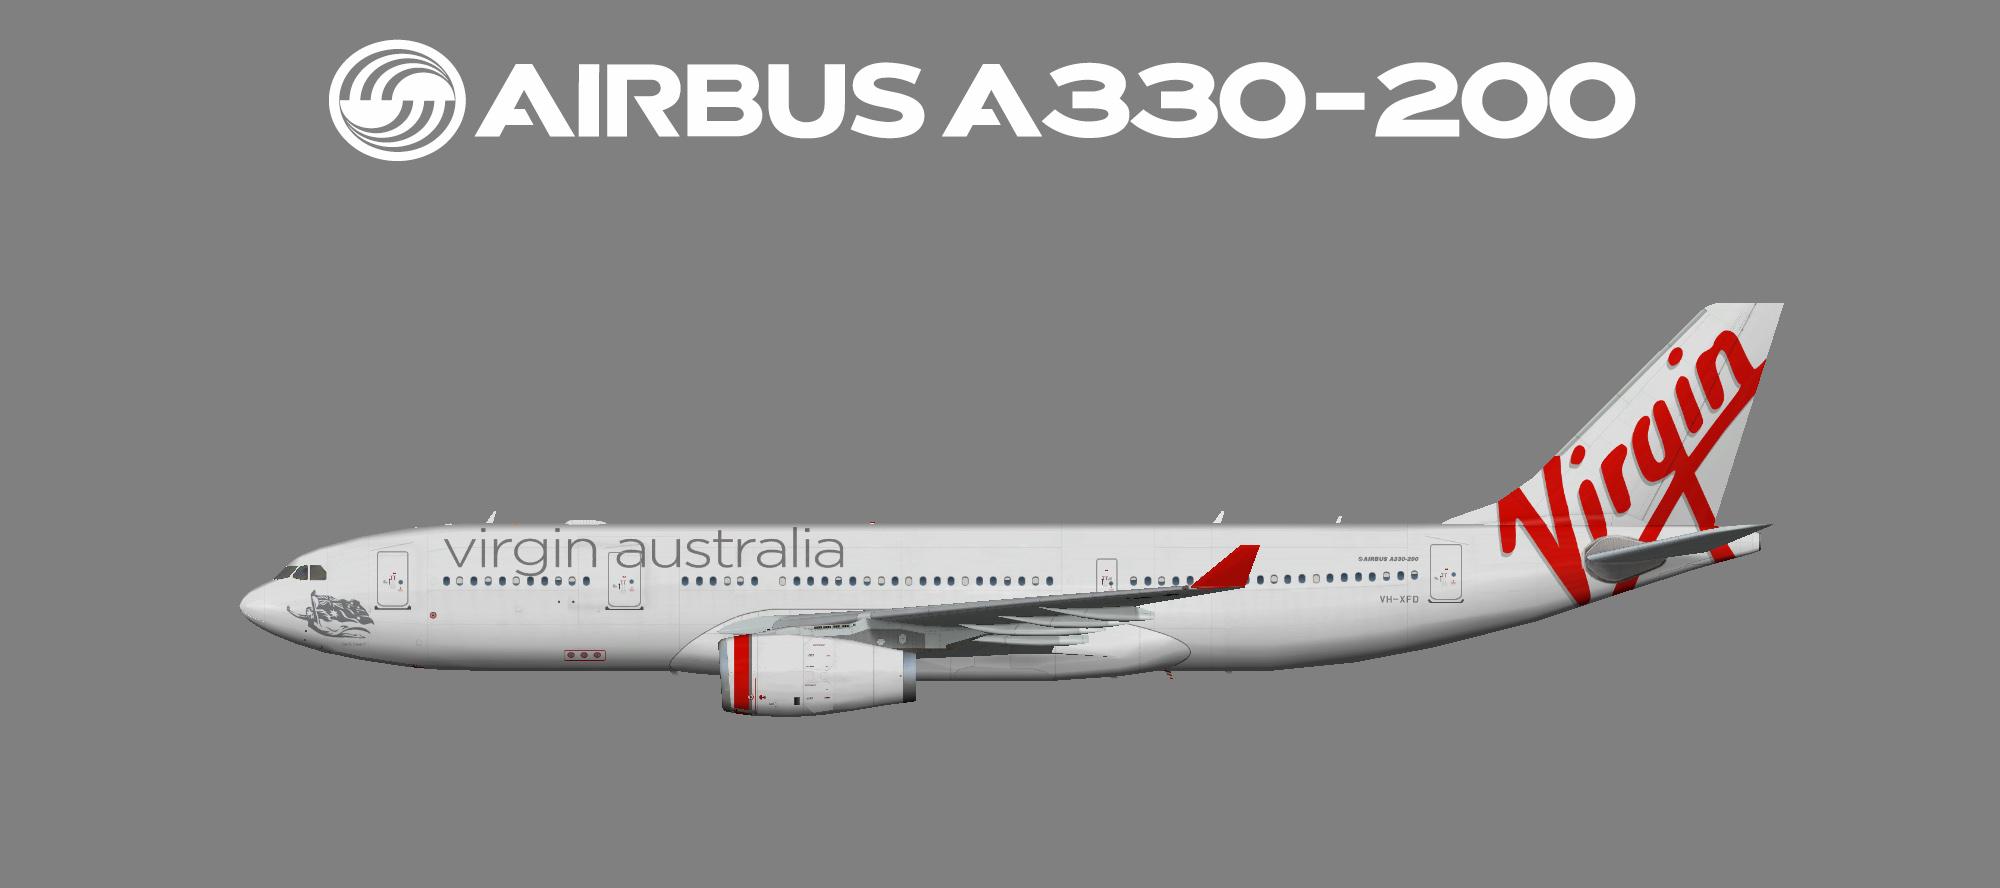 Virgin Australia Airbus A330-200 (FSP)